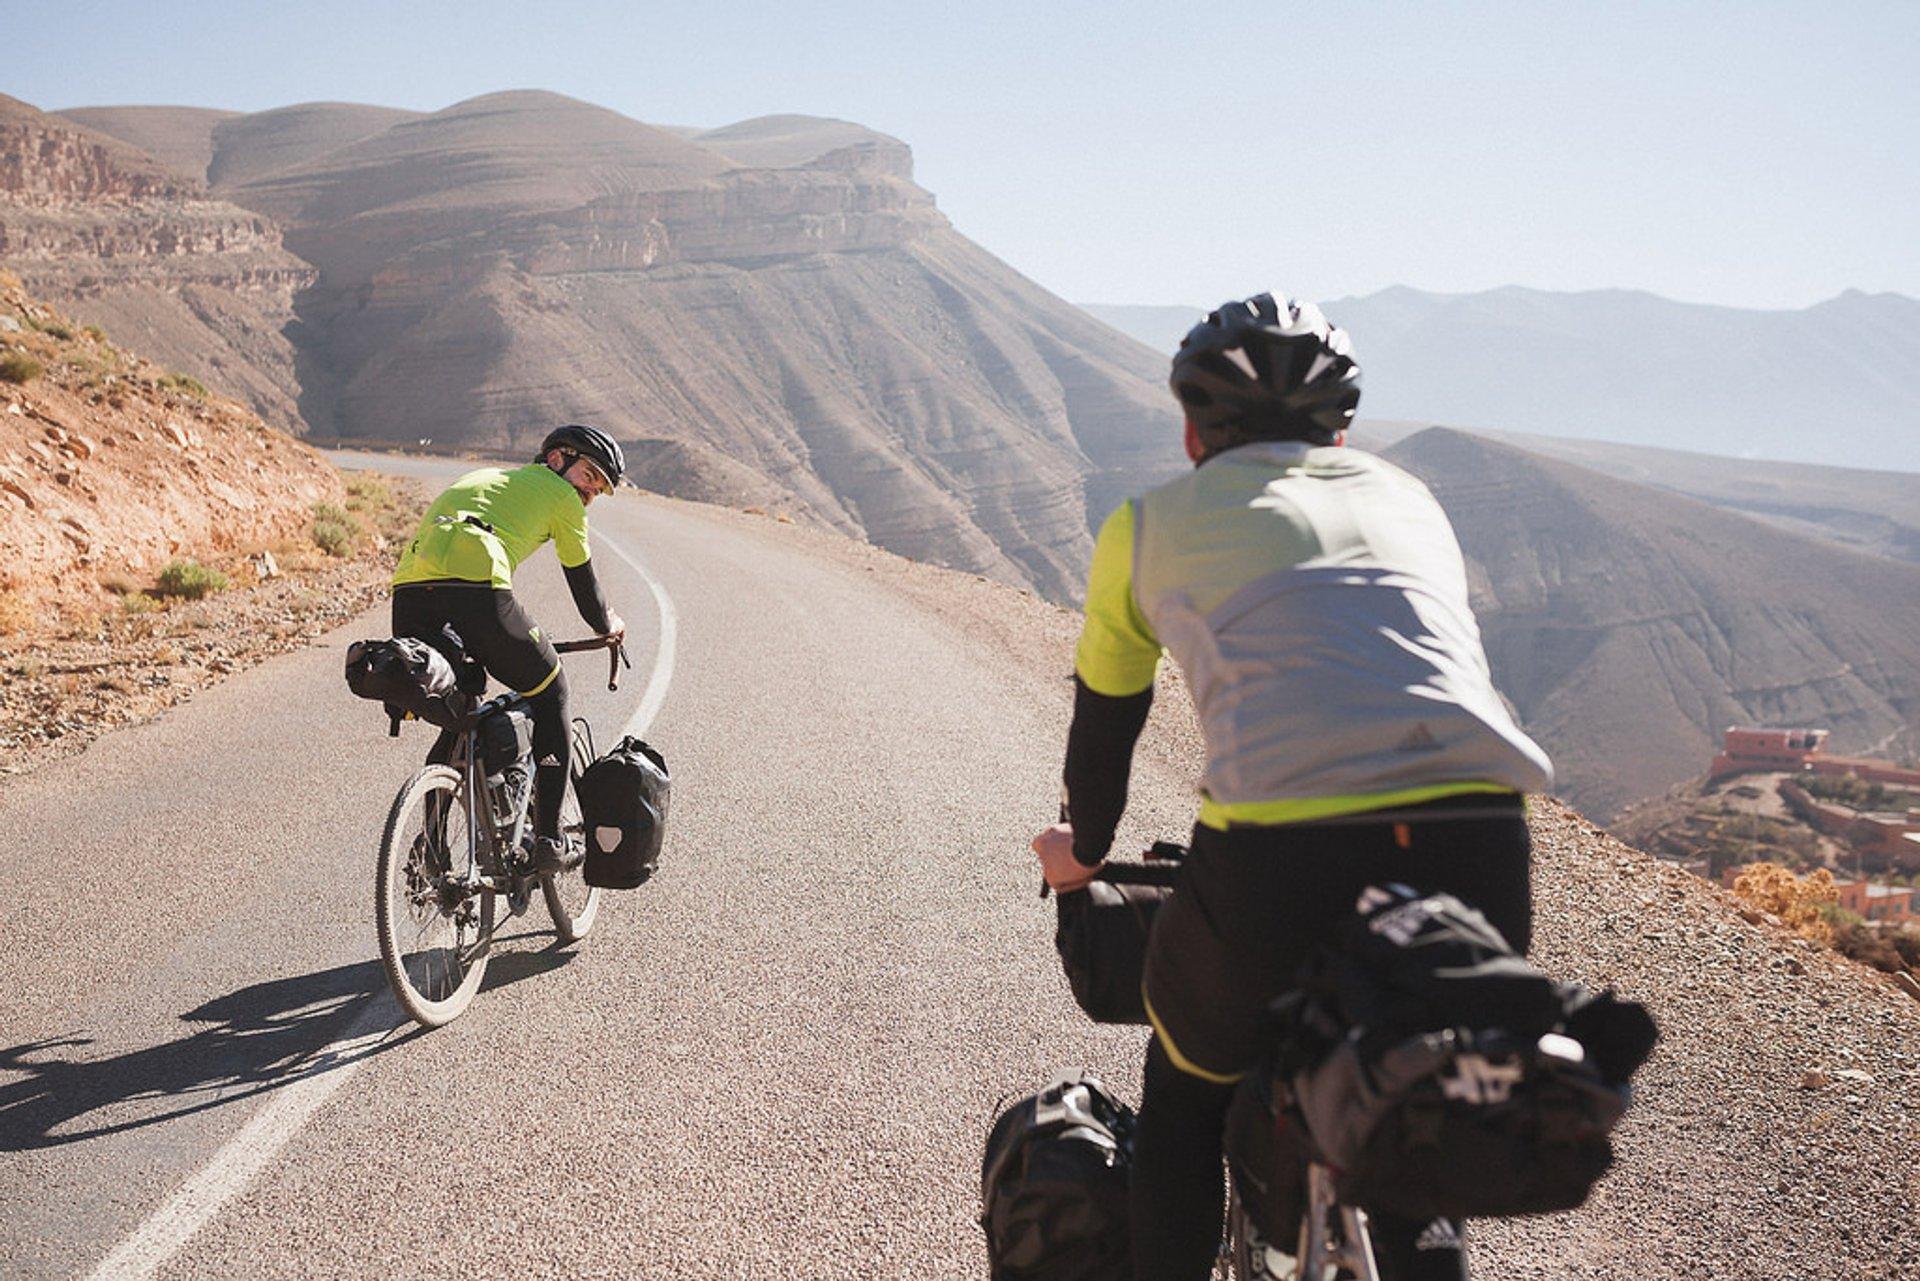 Mountain Biking in the Atlas Mountains in Morocco - Best Season 2020